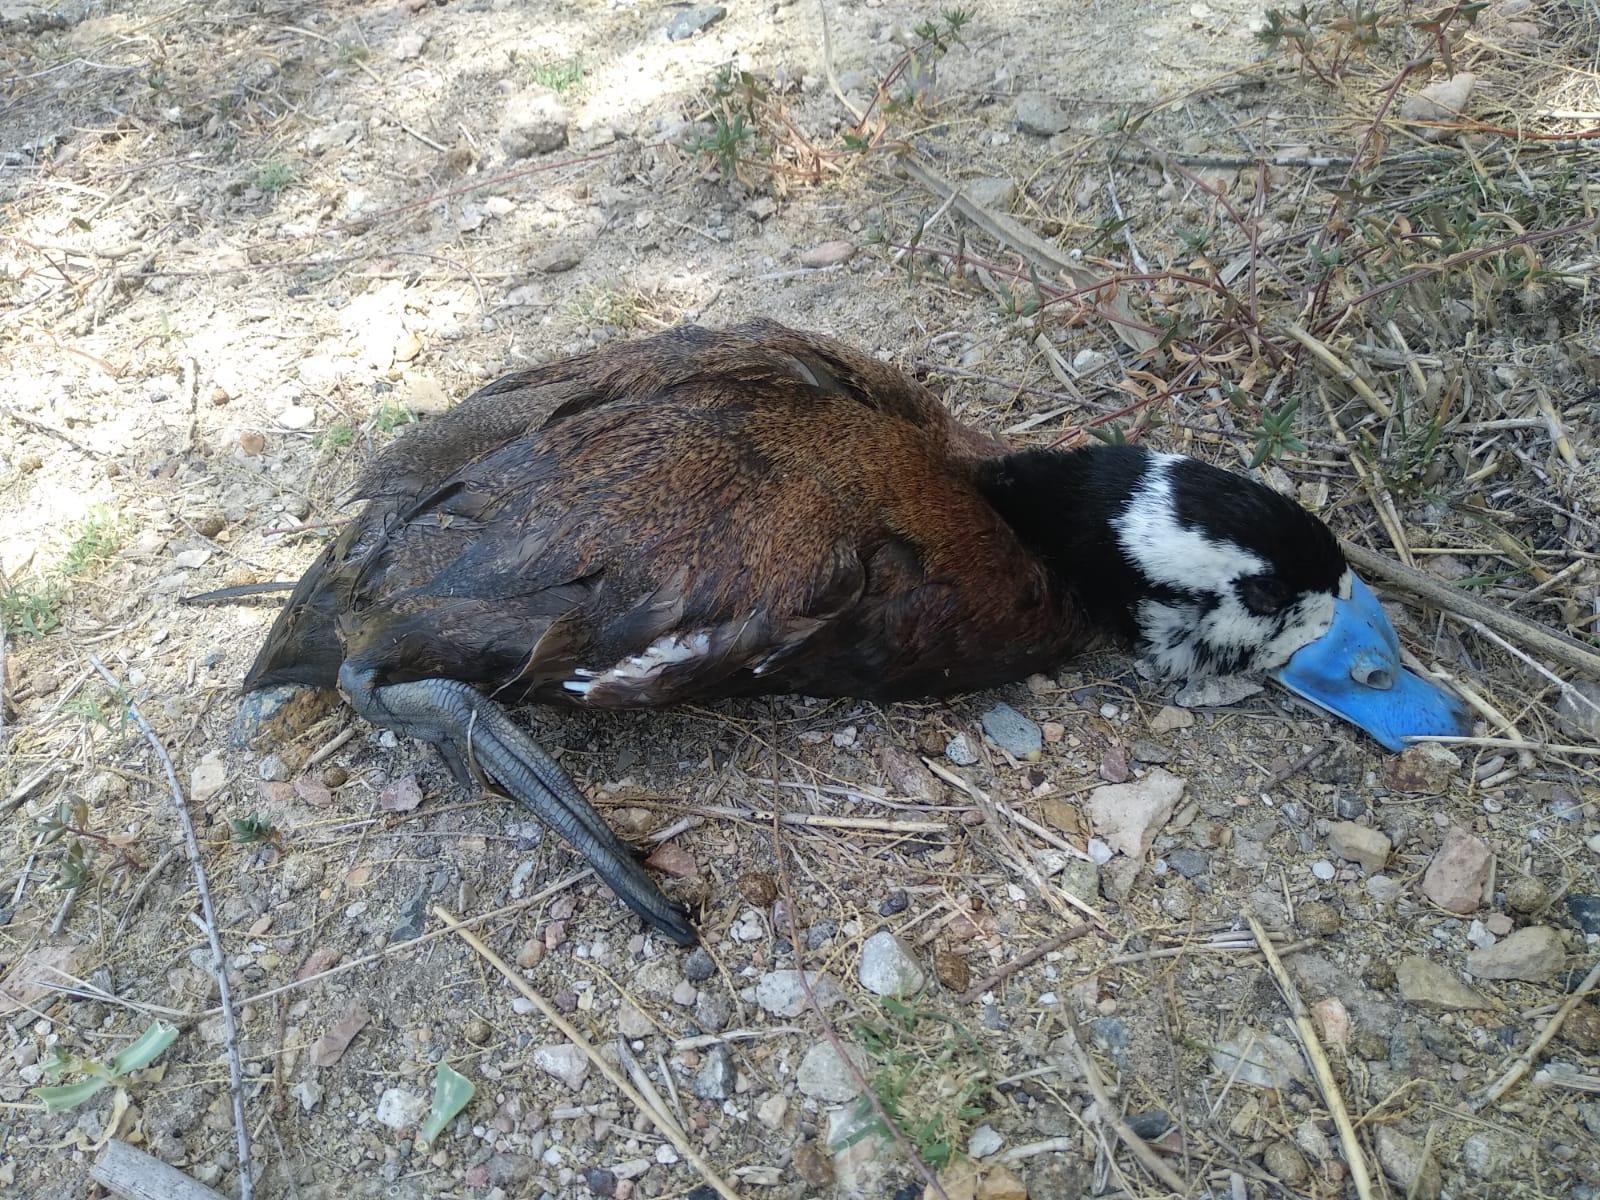 Cadáver de un macho de malvasía cabeciblanca, especie protegida, con su reconocible pico azul típico del periodo reproductor. Imagen: EEA